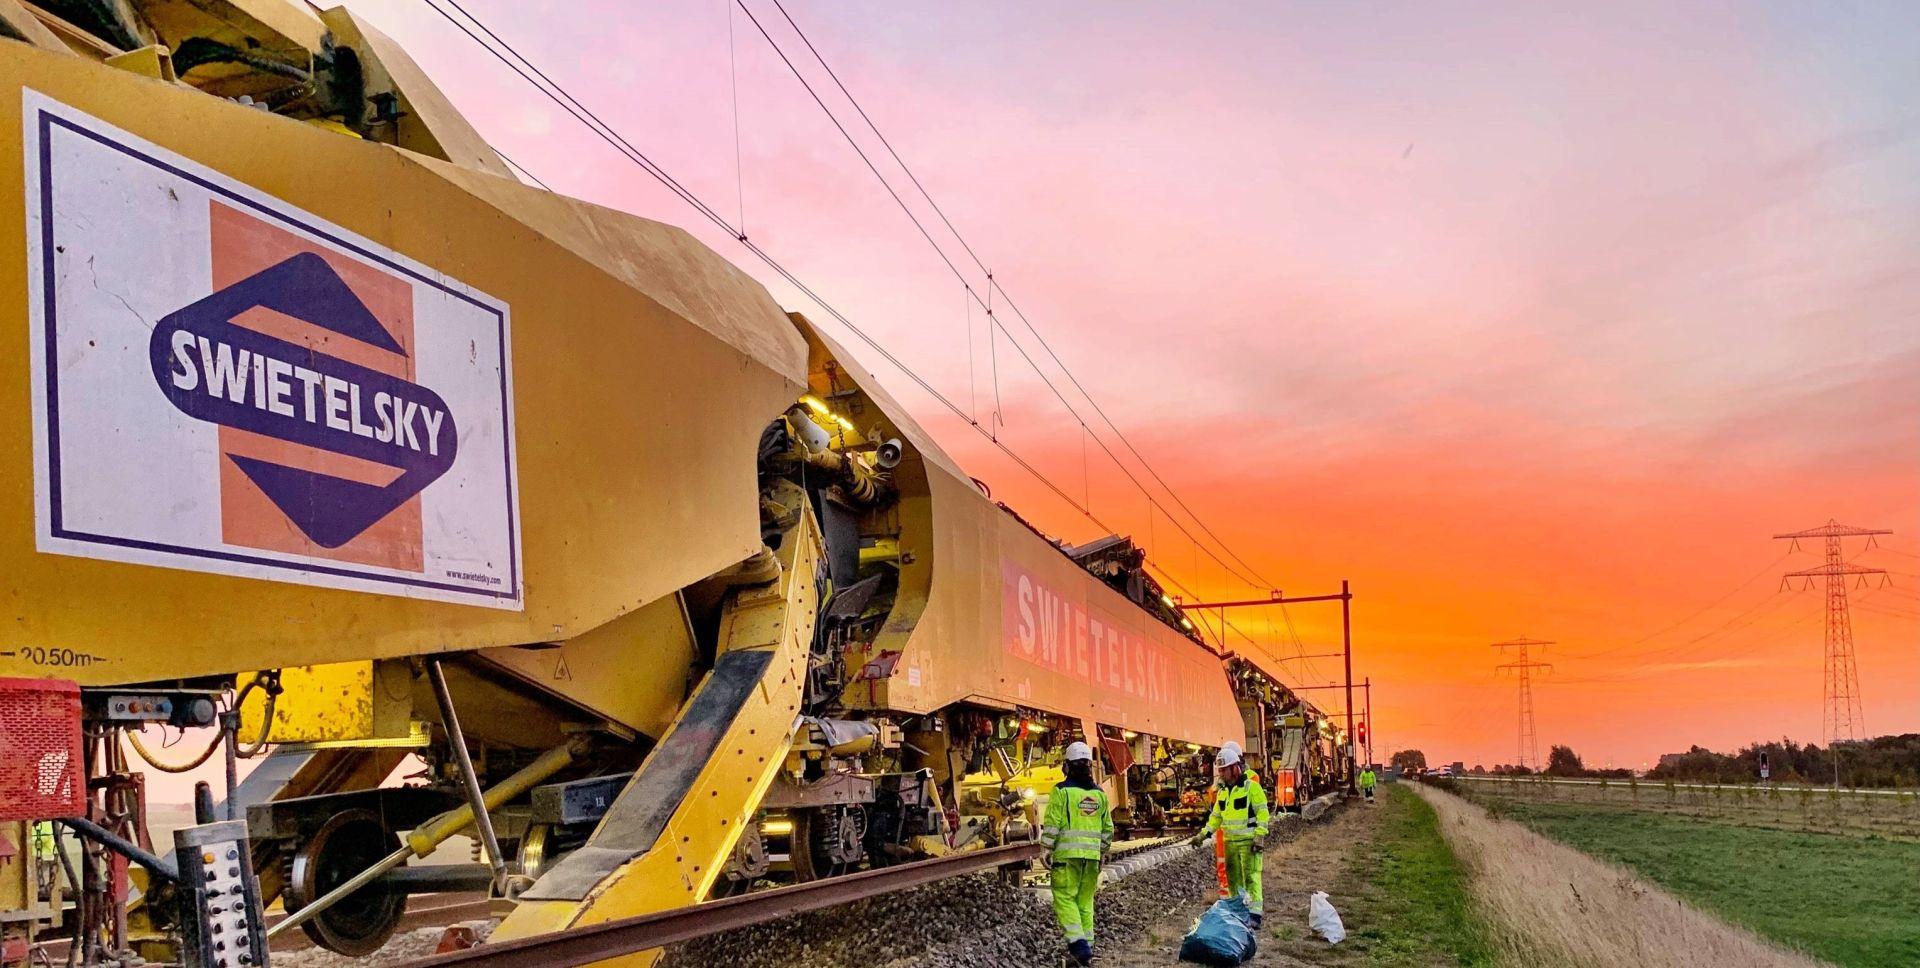 Speciální stroj RU 800. Foto: Swietelsky Rail